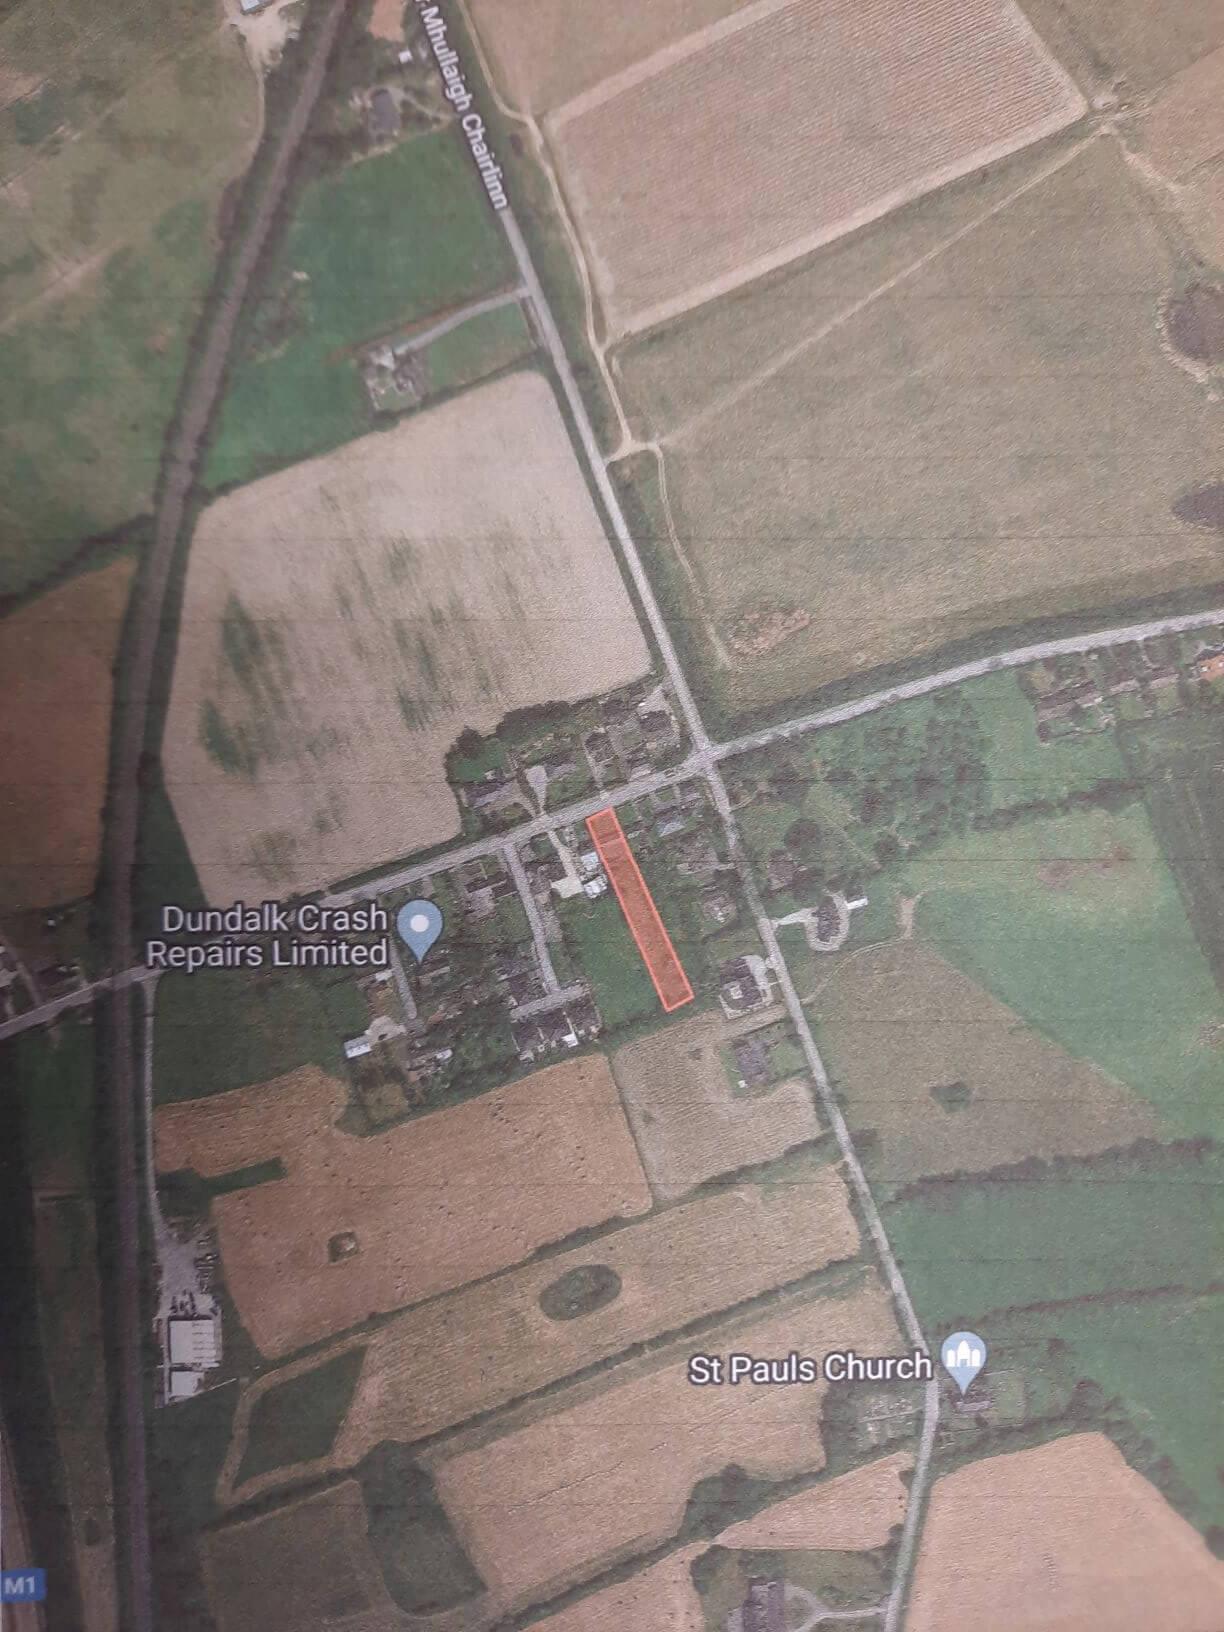 Marlbog Road, Dundalk, Co. Louth